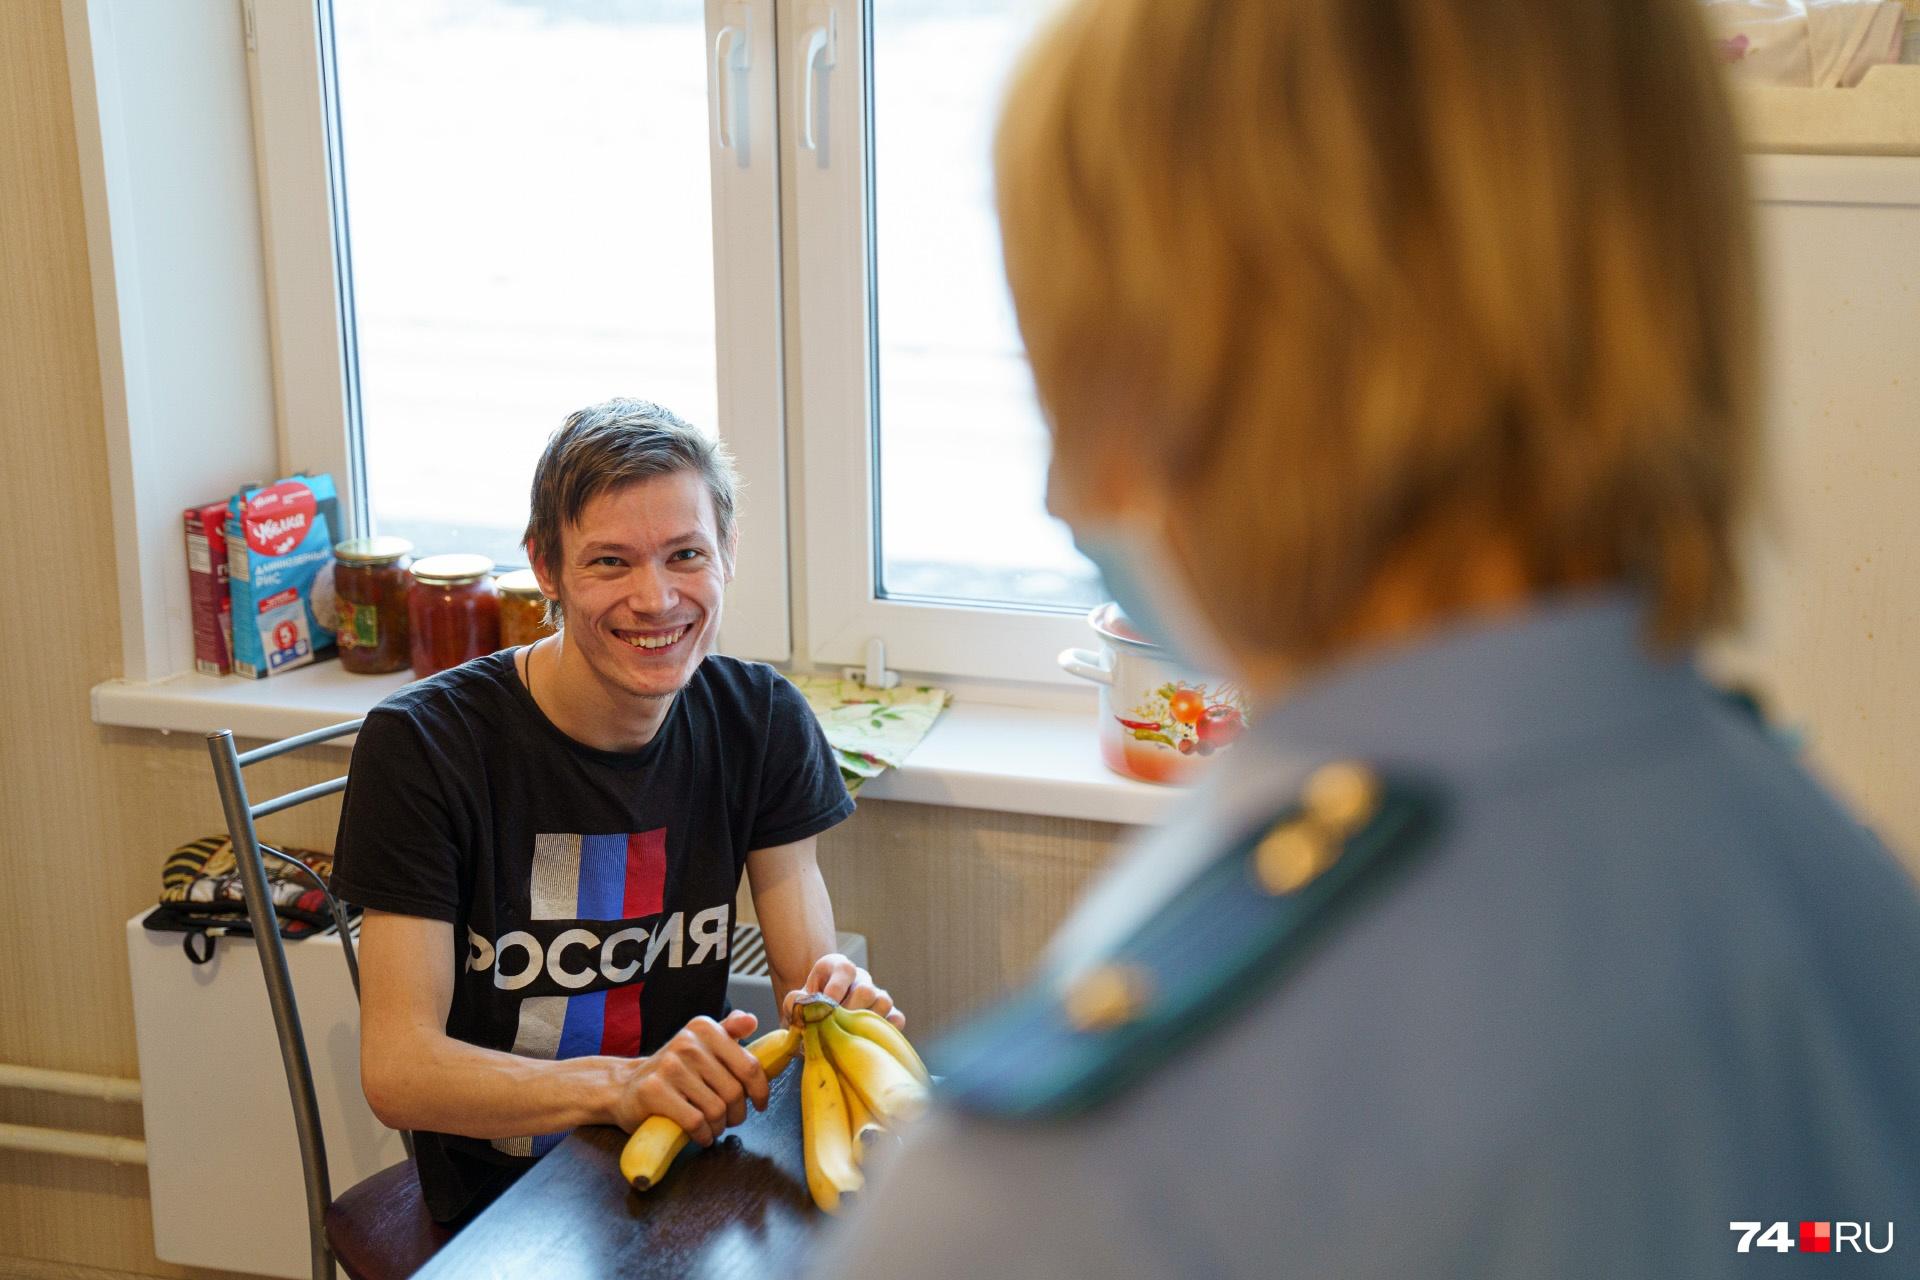 Вопреки всему Олег не перестает улыбаться